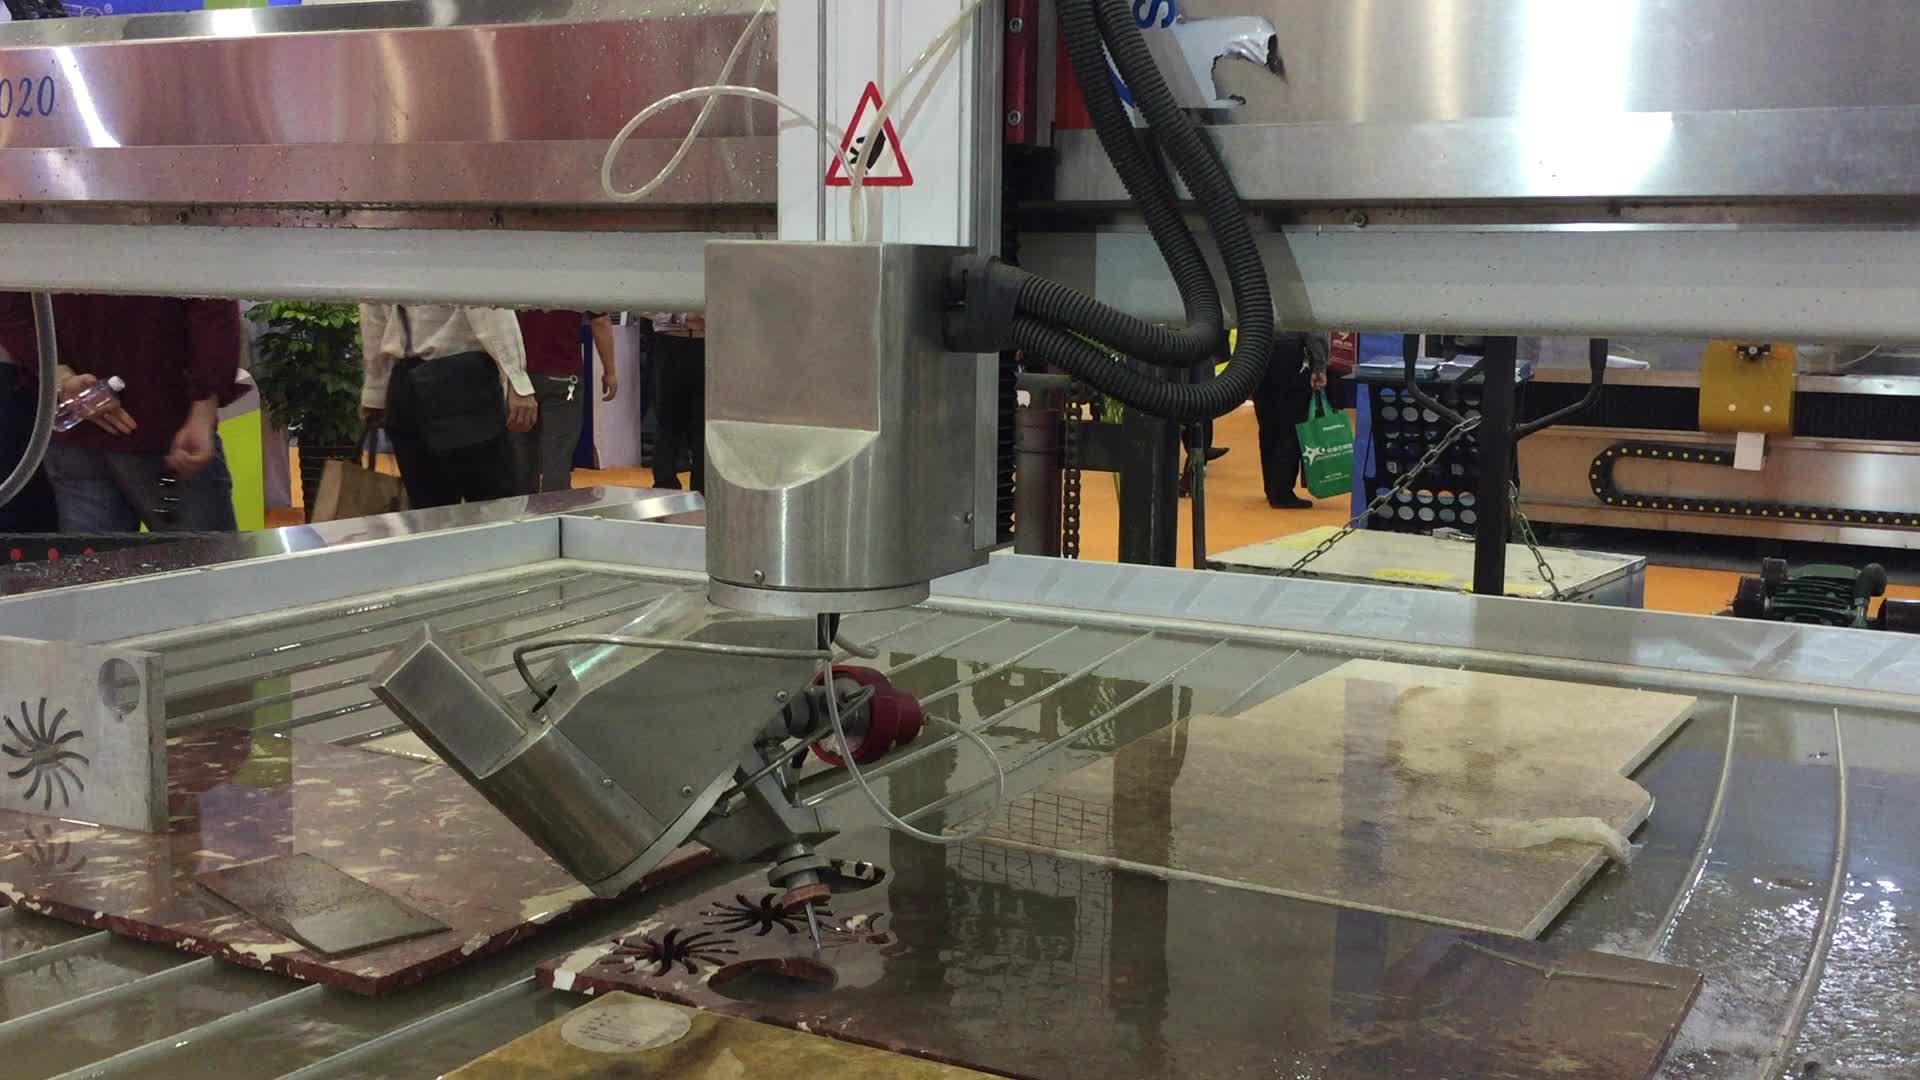 Sản phẩm mới 2017 sản phẩm sáng tạo cắt bằng tia nước, nhỏ máy cắt bằng tia nước